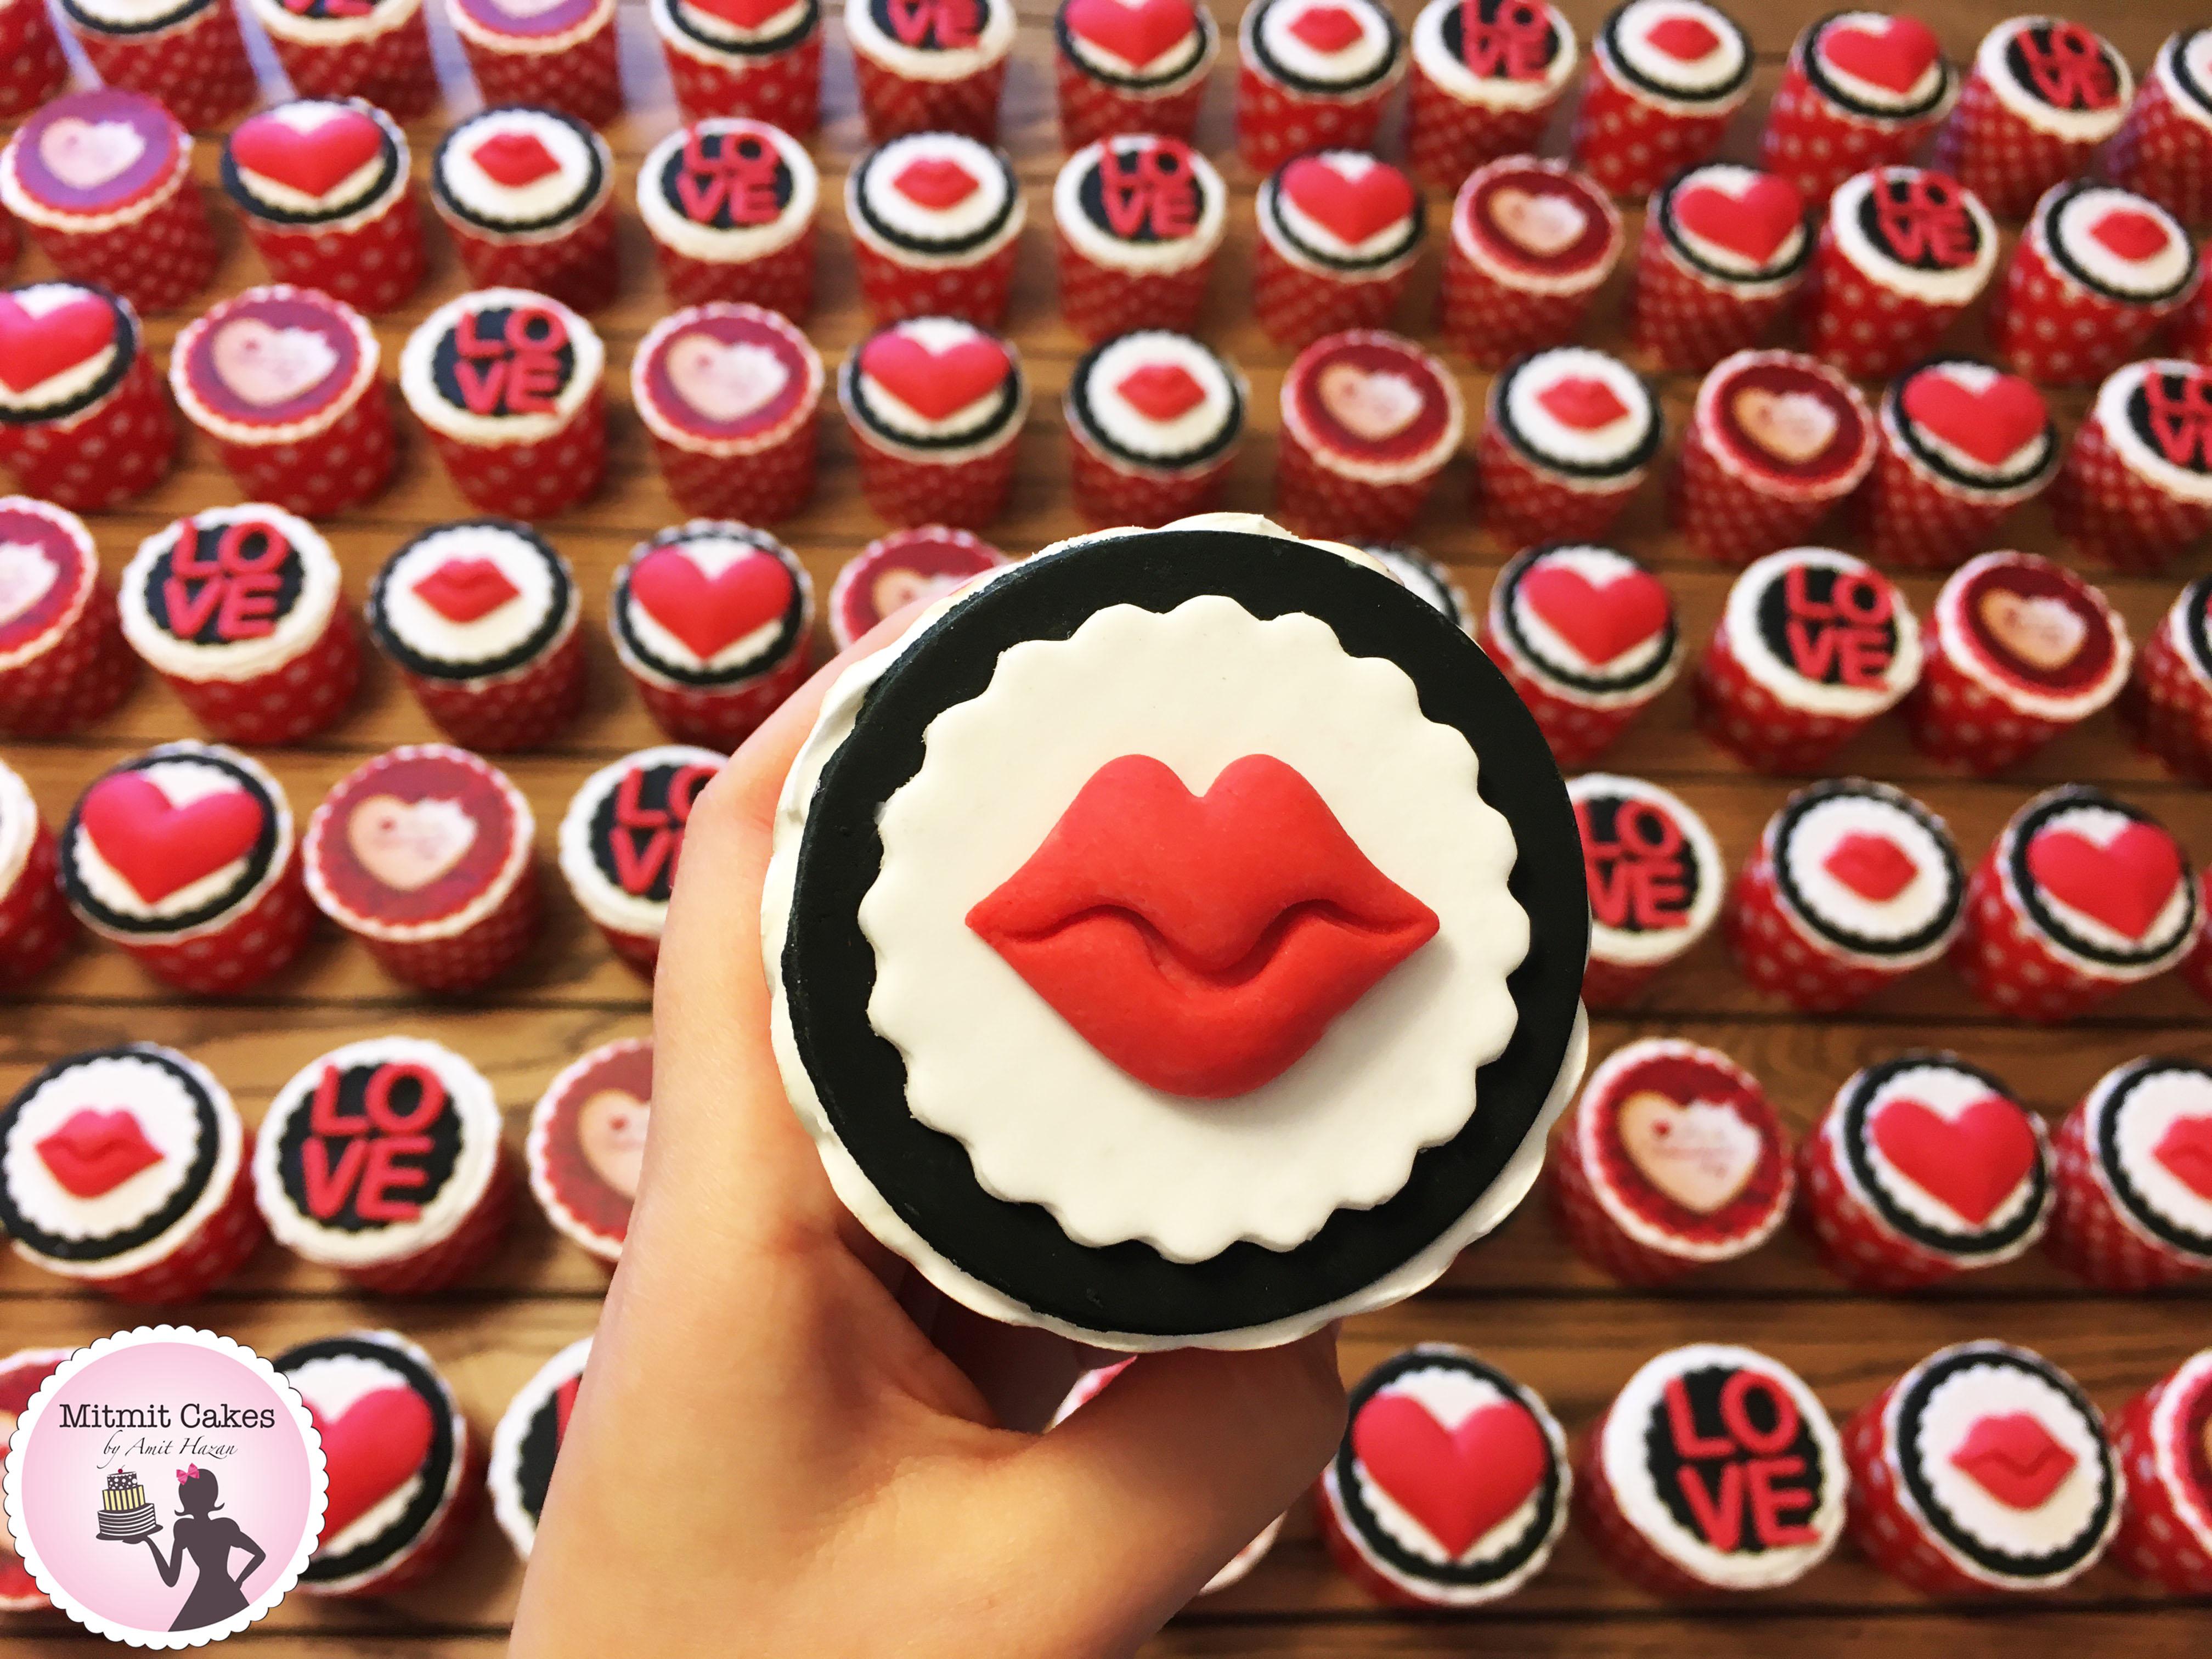 פיסול נשיקה על קאפקייקס ליום האהבה